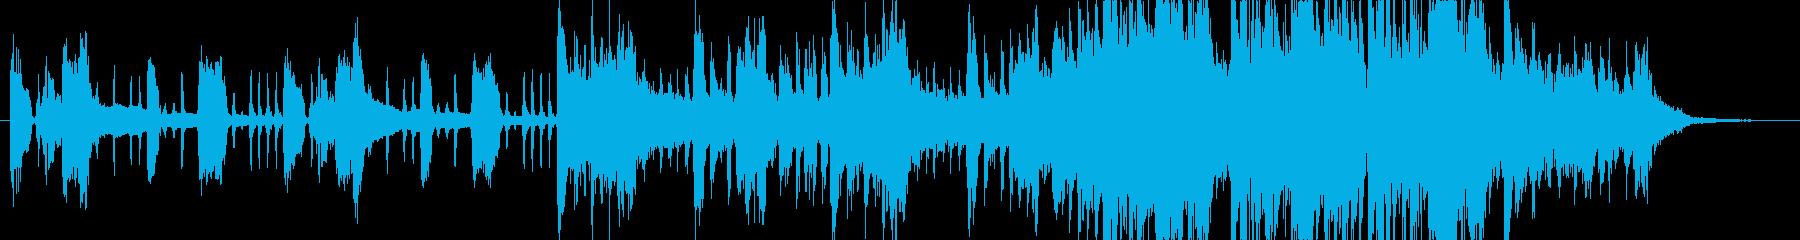 ジングル - おしゃれエレクトロの再生済みの波形